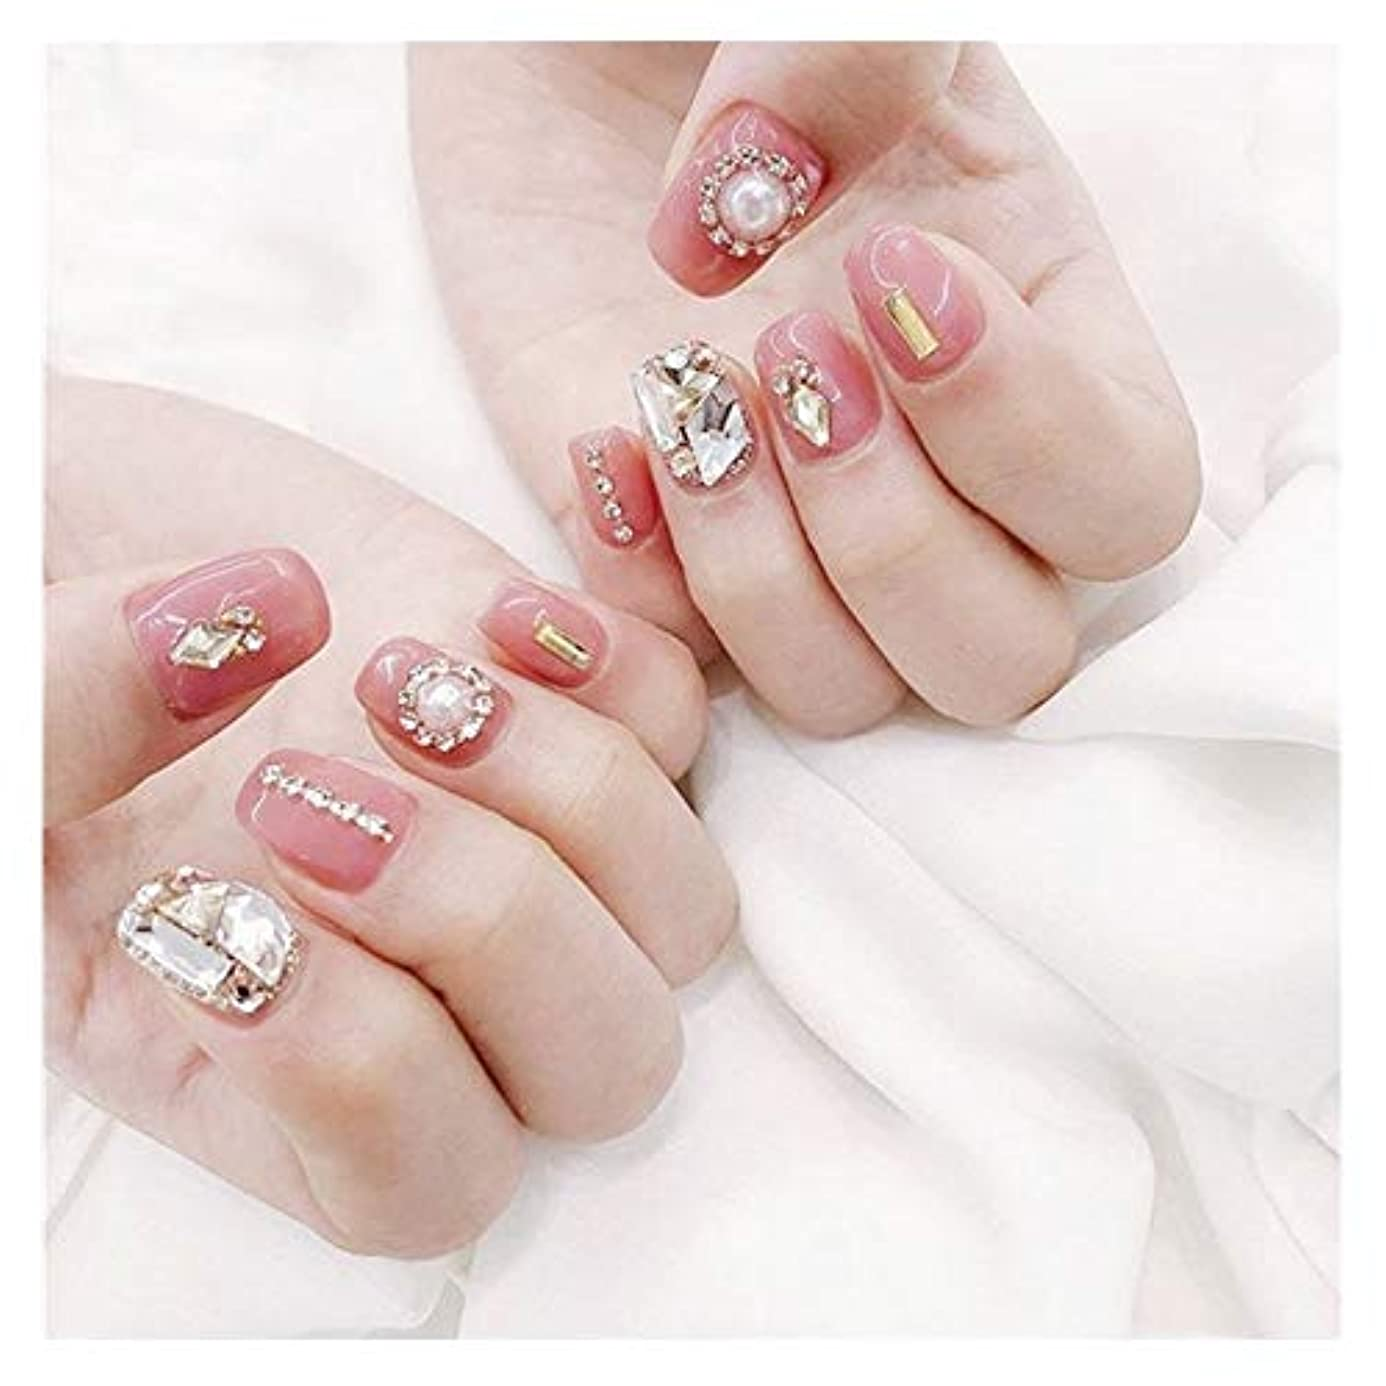 朝食を食べる作物会うHOHYLLYA ダイヤモンドのり偽の爪ピンクのかわいい花嫁フォトスタジオ完成ネイル偽の釘 (色 : 24 pieces)